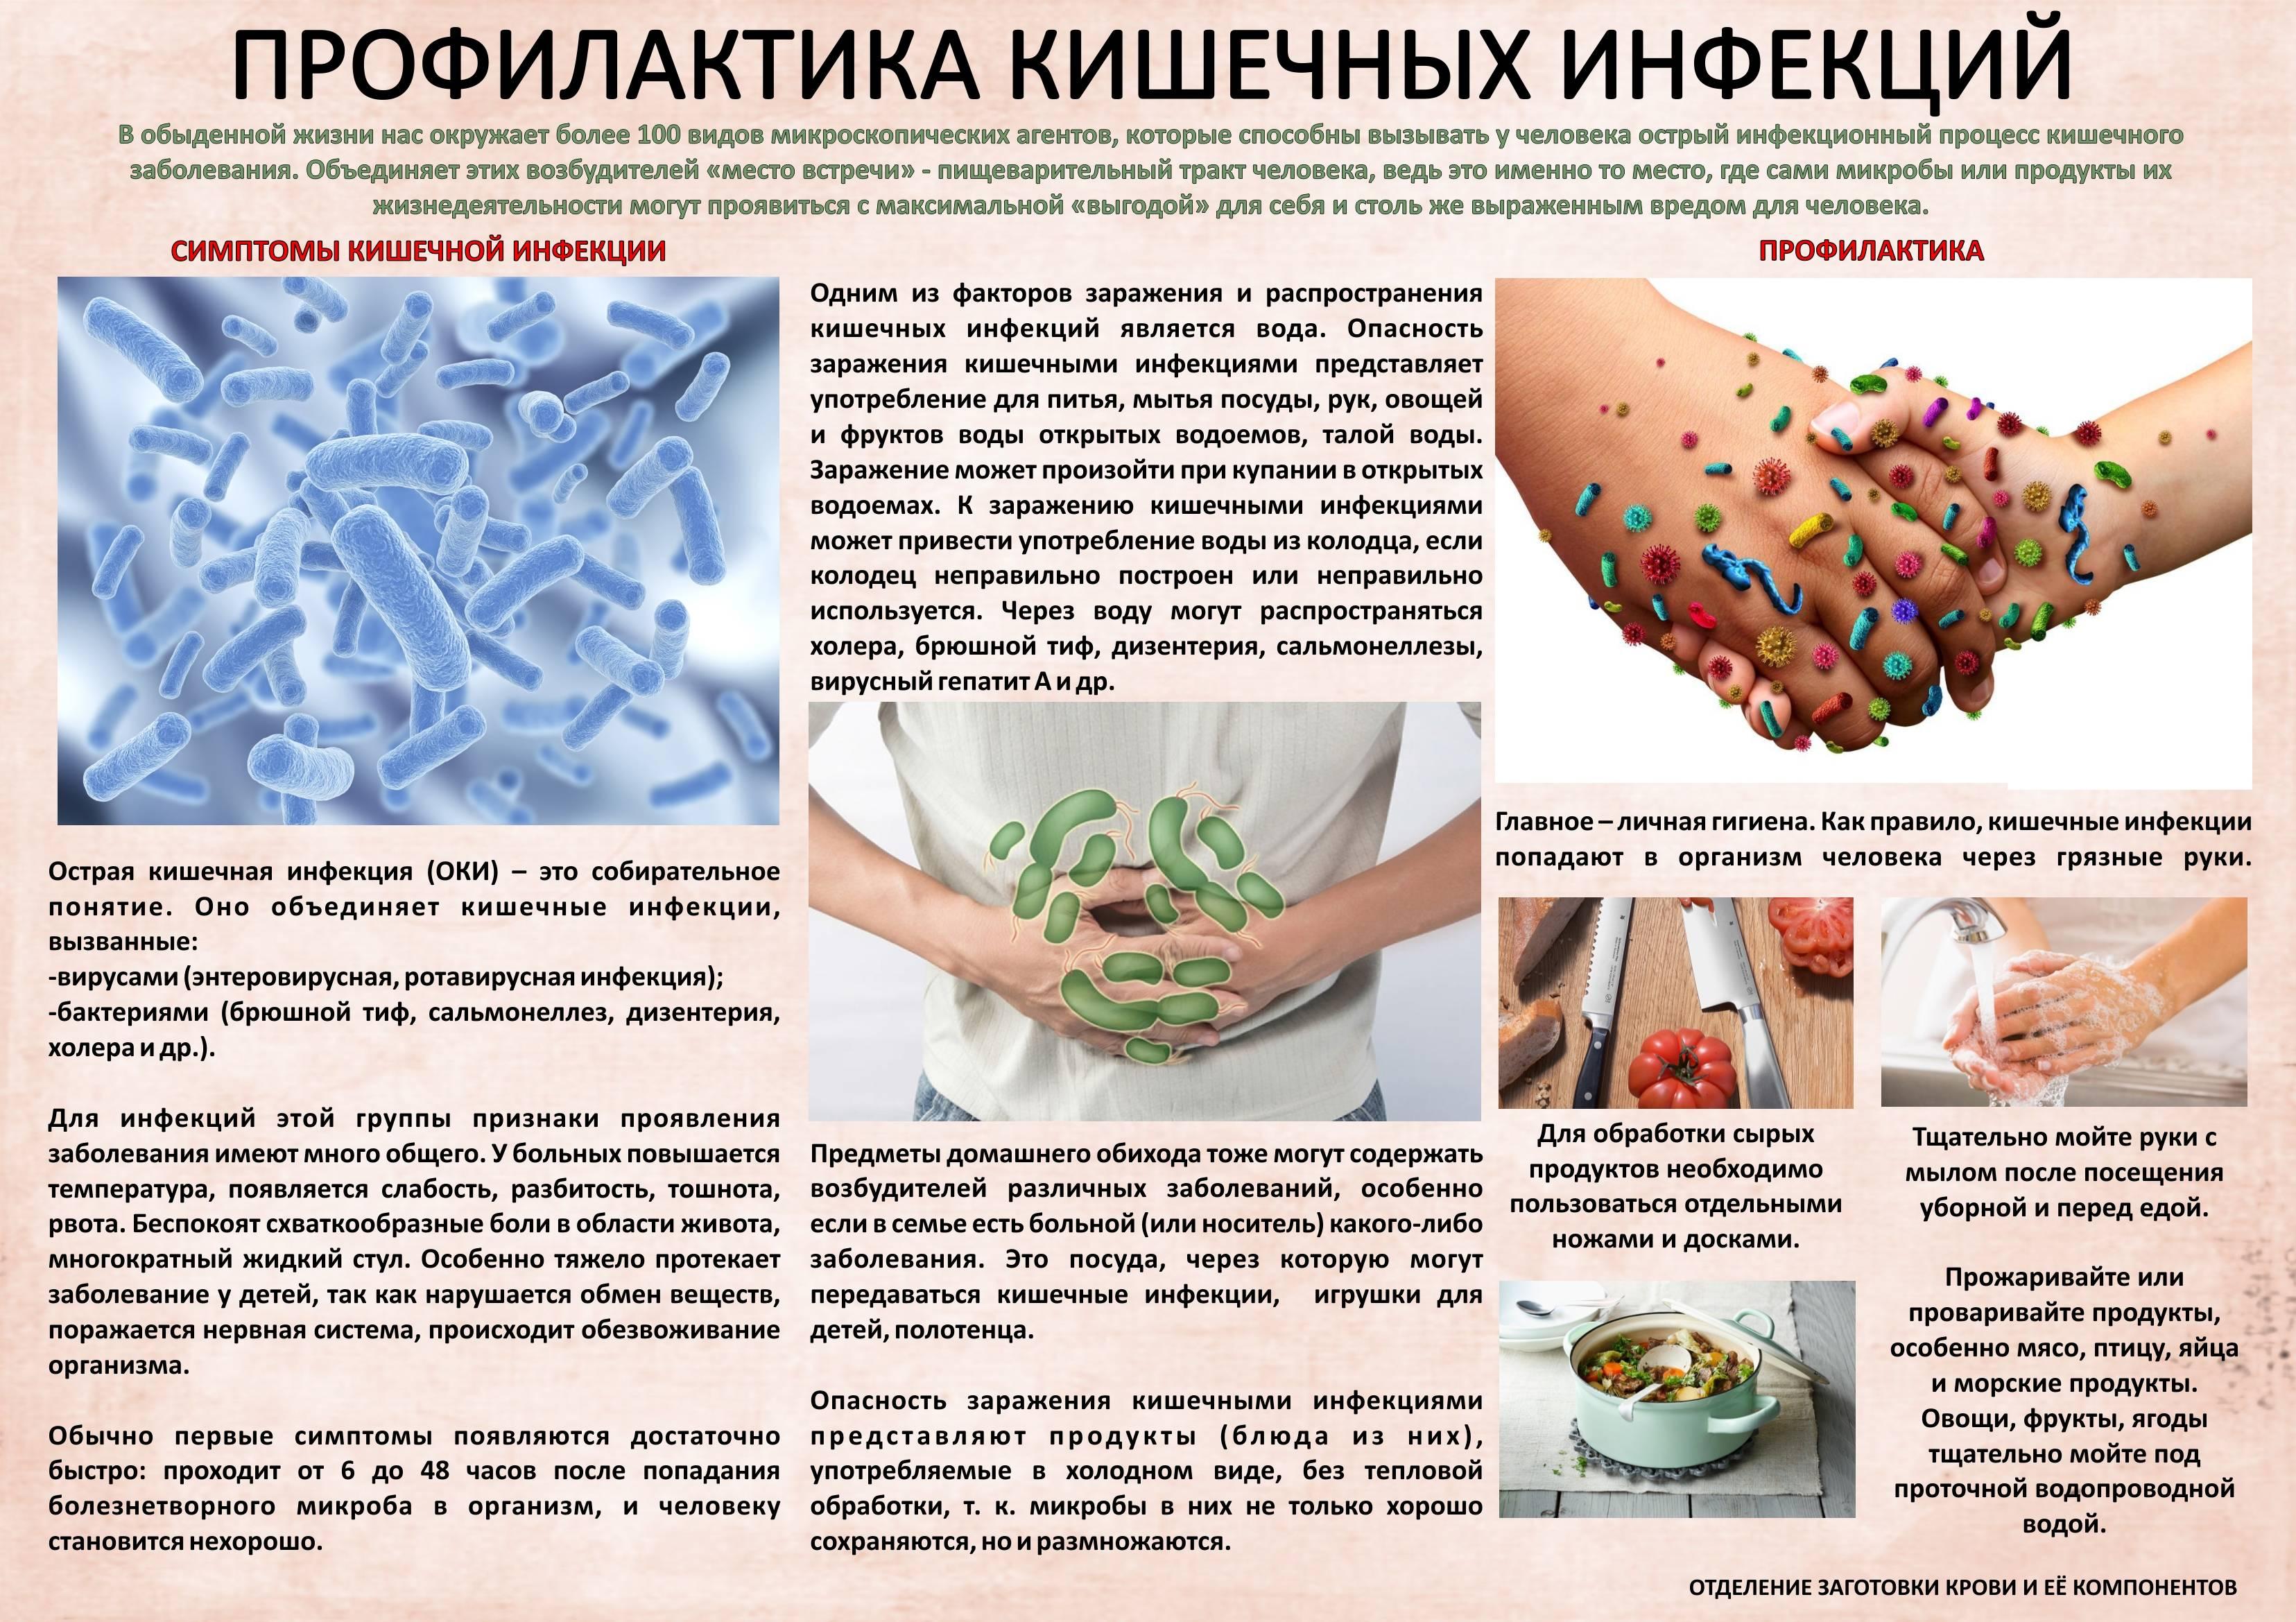 Эгоцин 20 – инструкция по применению антибиотика в ветеринарии